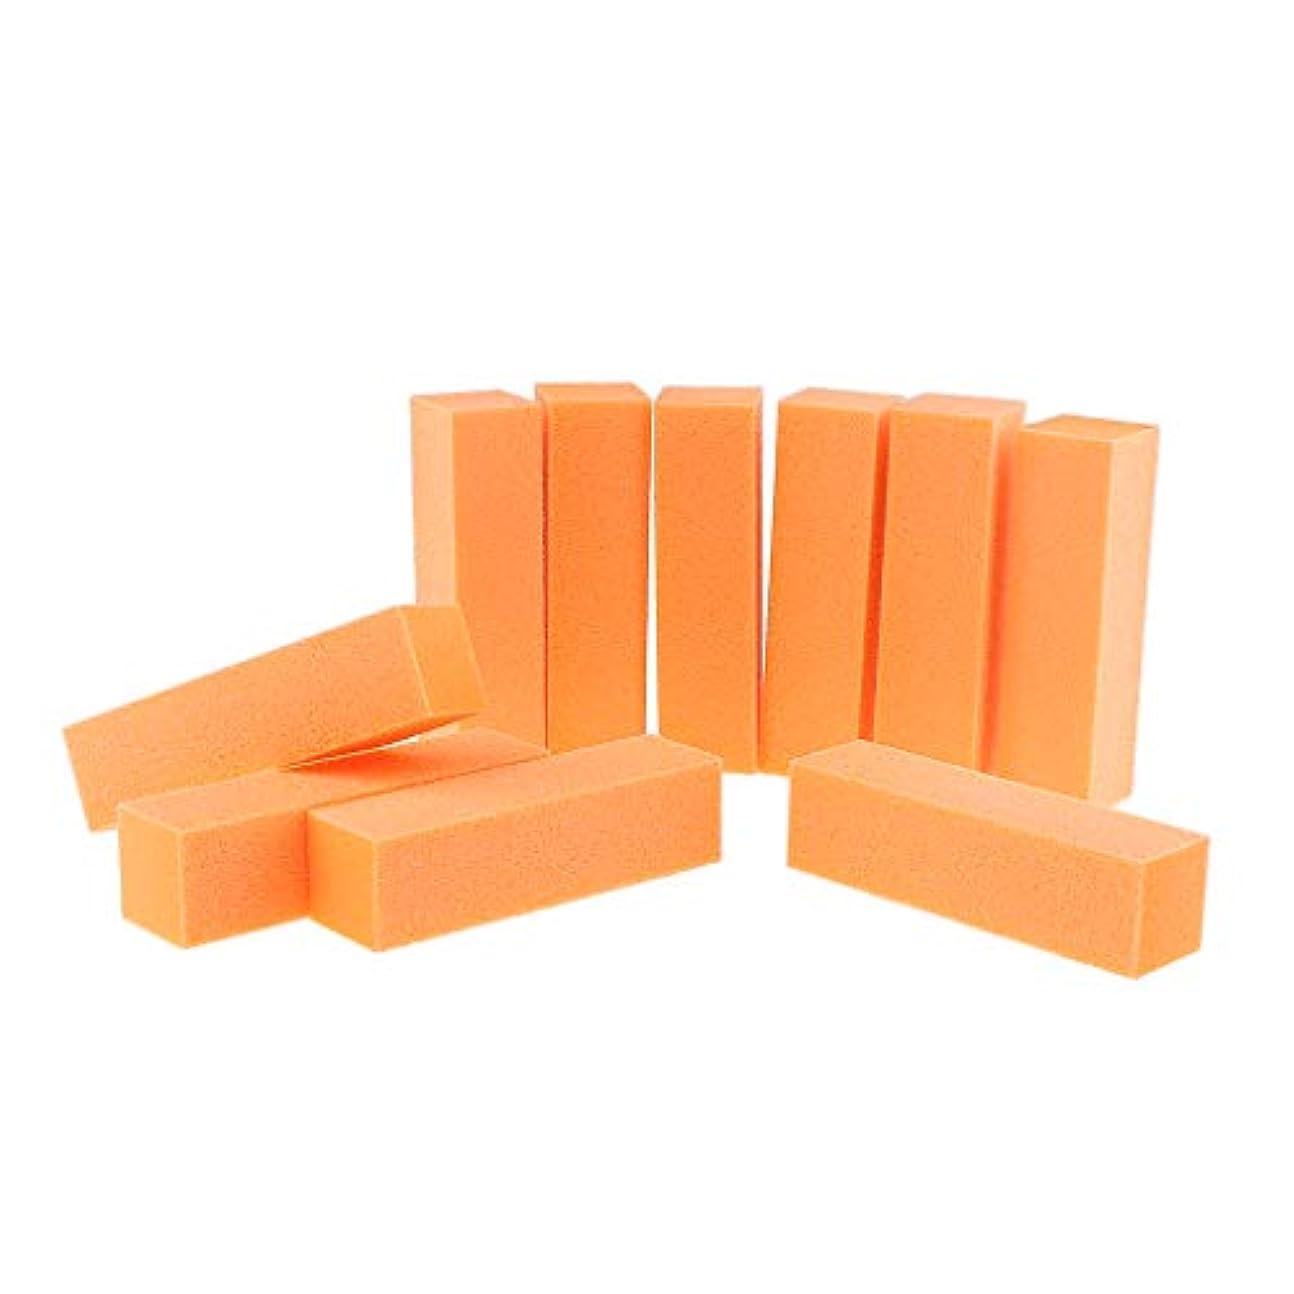 慣れている適性稚魚10PCSネイルアートケアバッファーバフ研磨サンディングブロックファイルグリットアクリルマニキュアツール-プロフェッショナルサロン使用または家庭用 - オレンジ